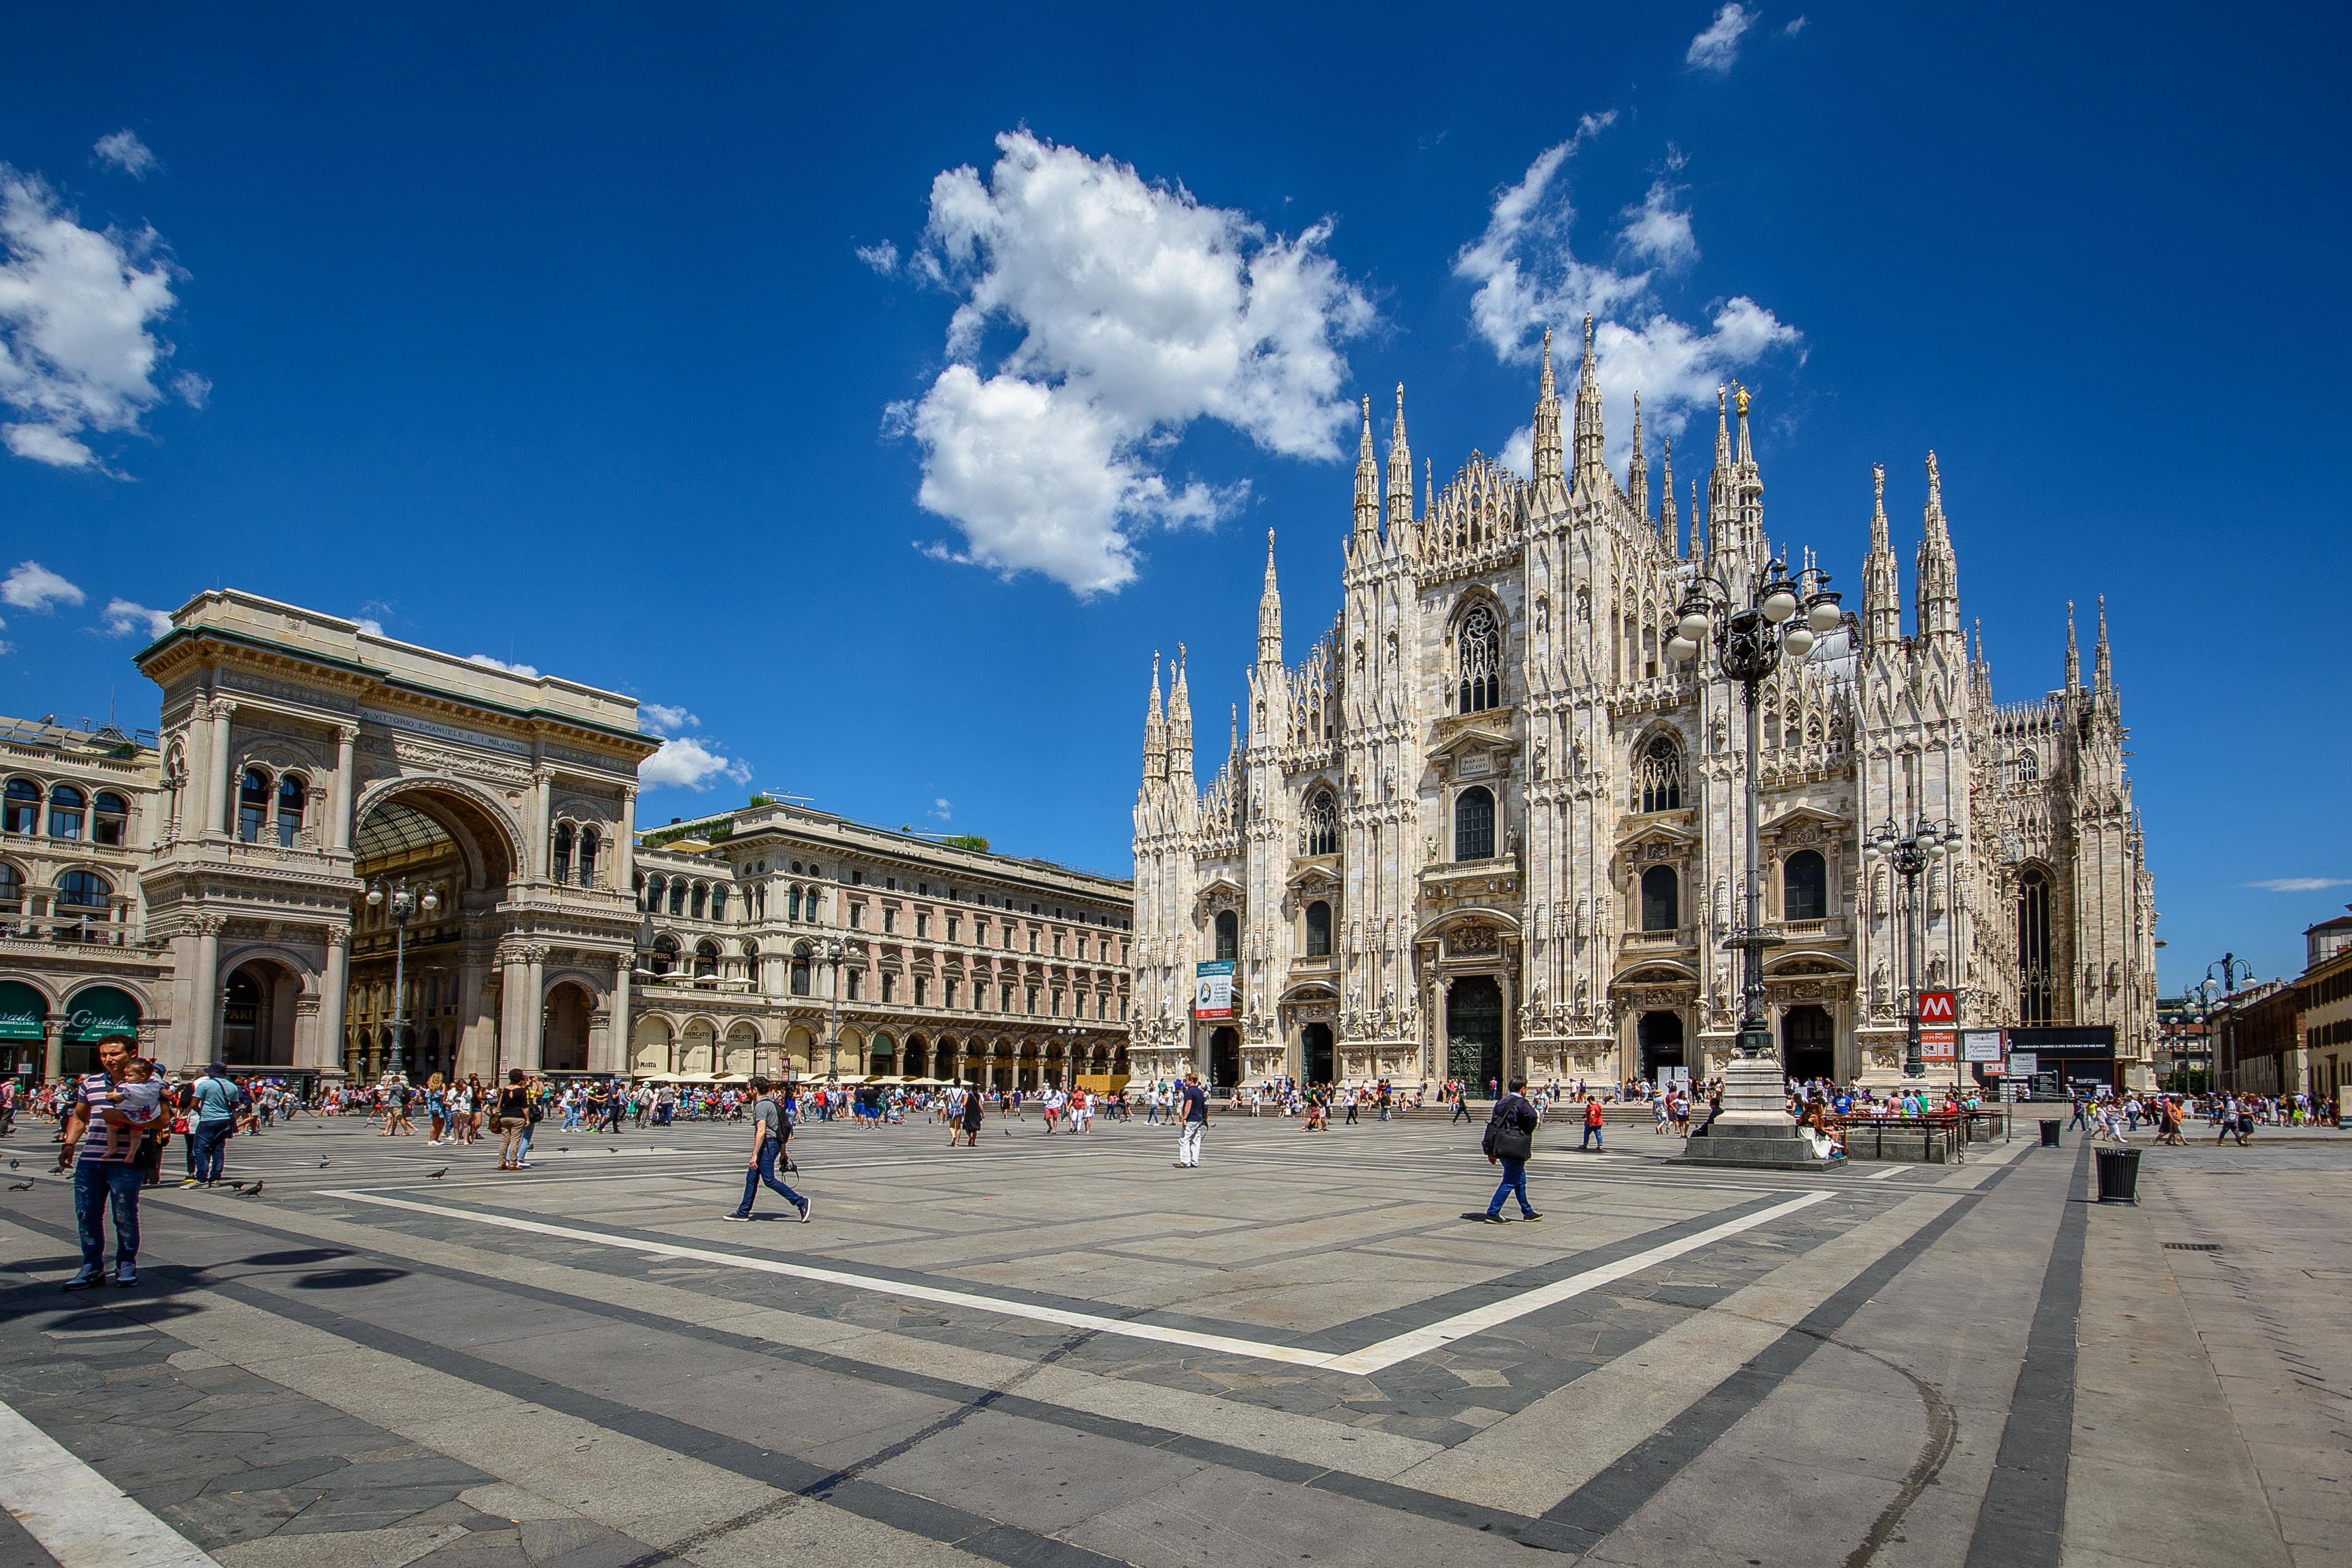 Piazza Del Duomo Milano Wikipedia